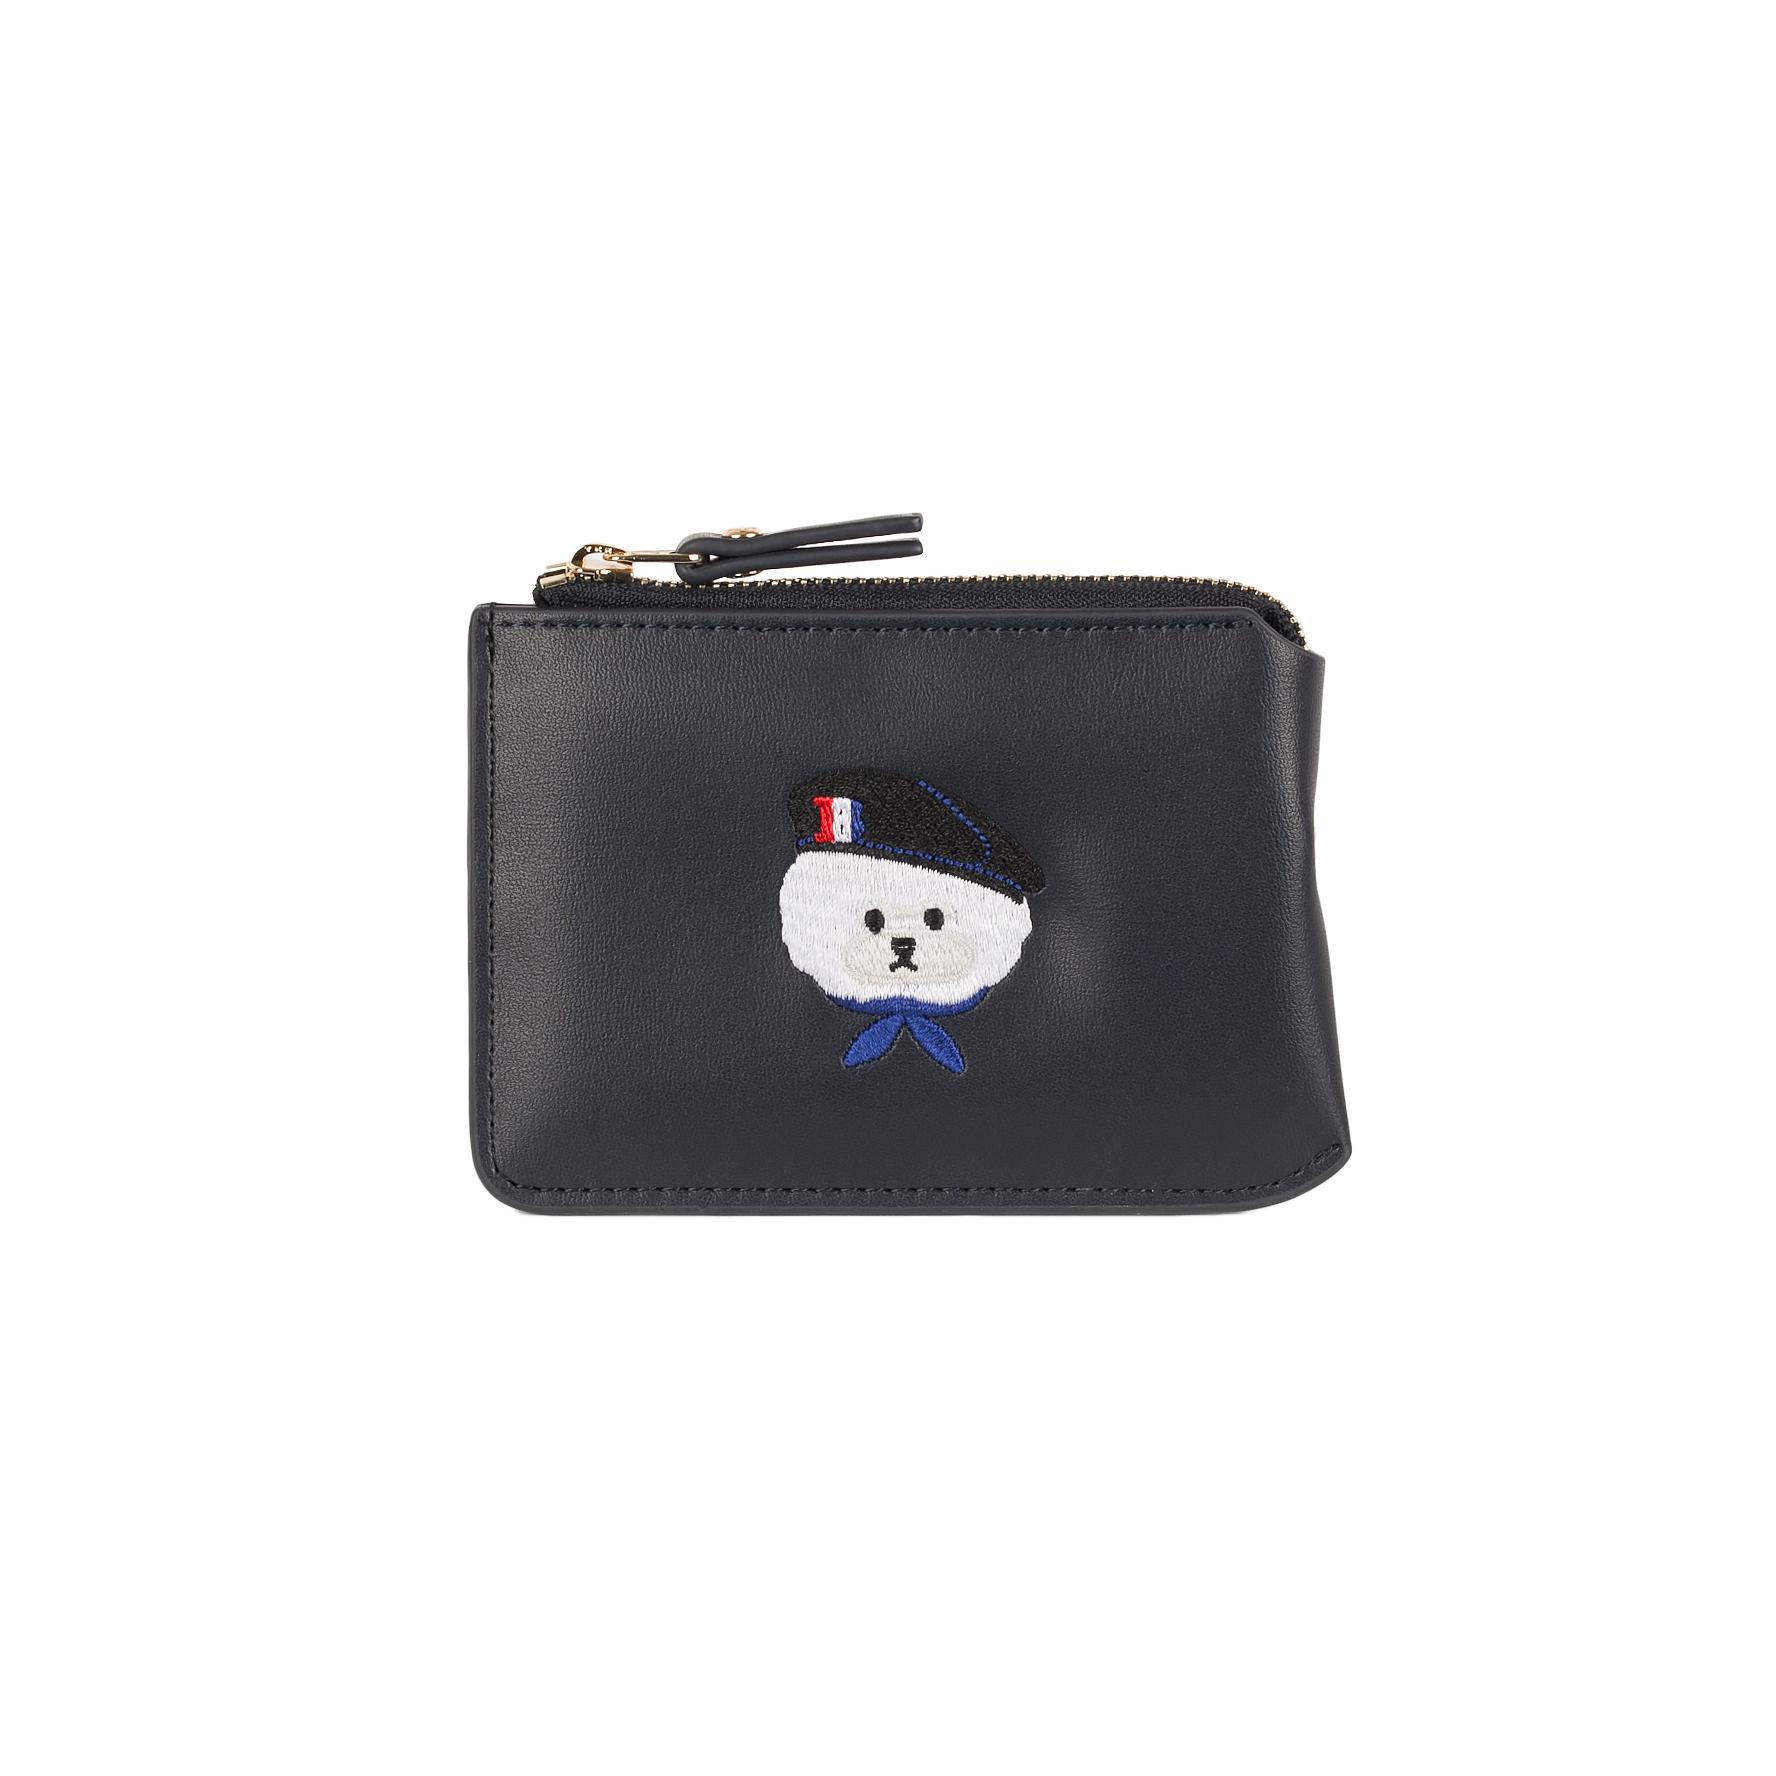 비욘드 클로젯 X 매니퀸 ILP 파리 로고 카드지갑